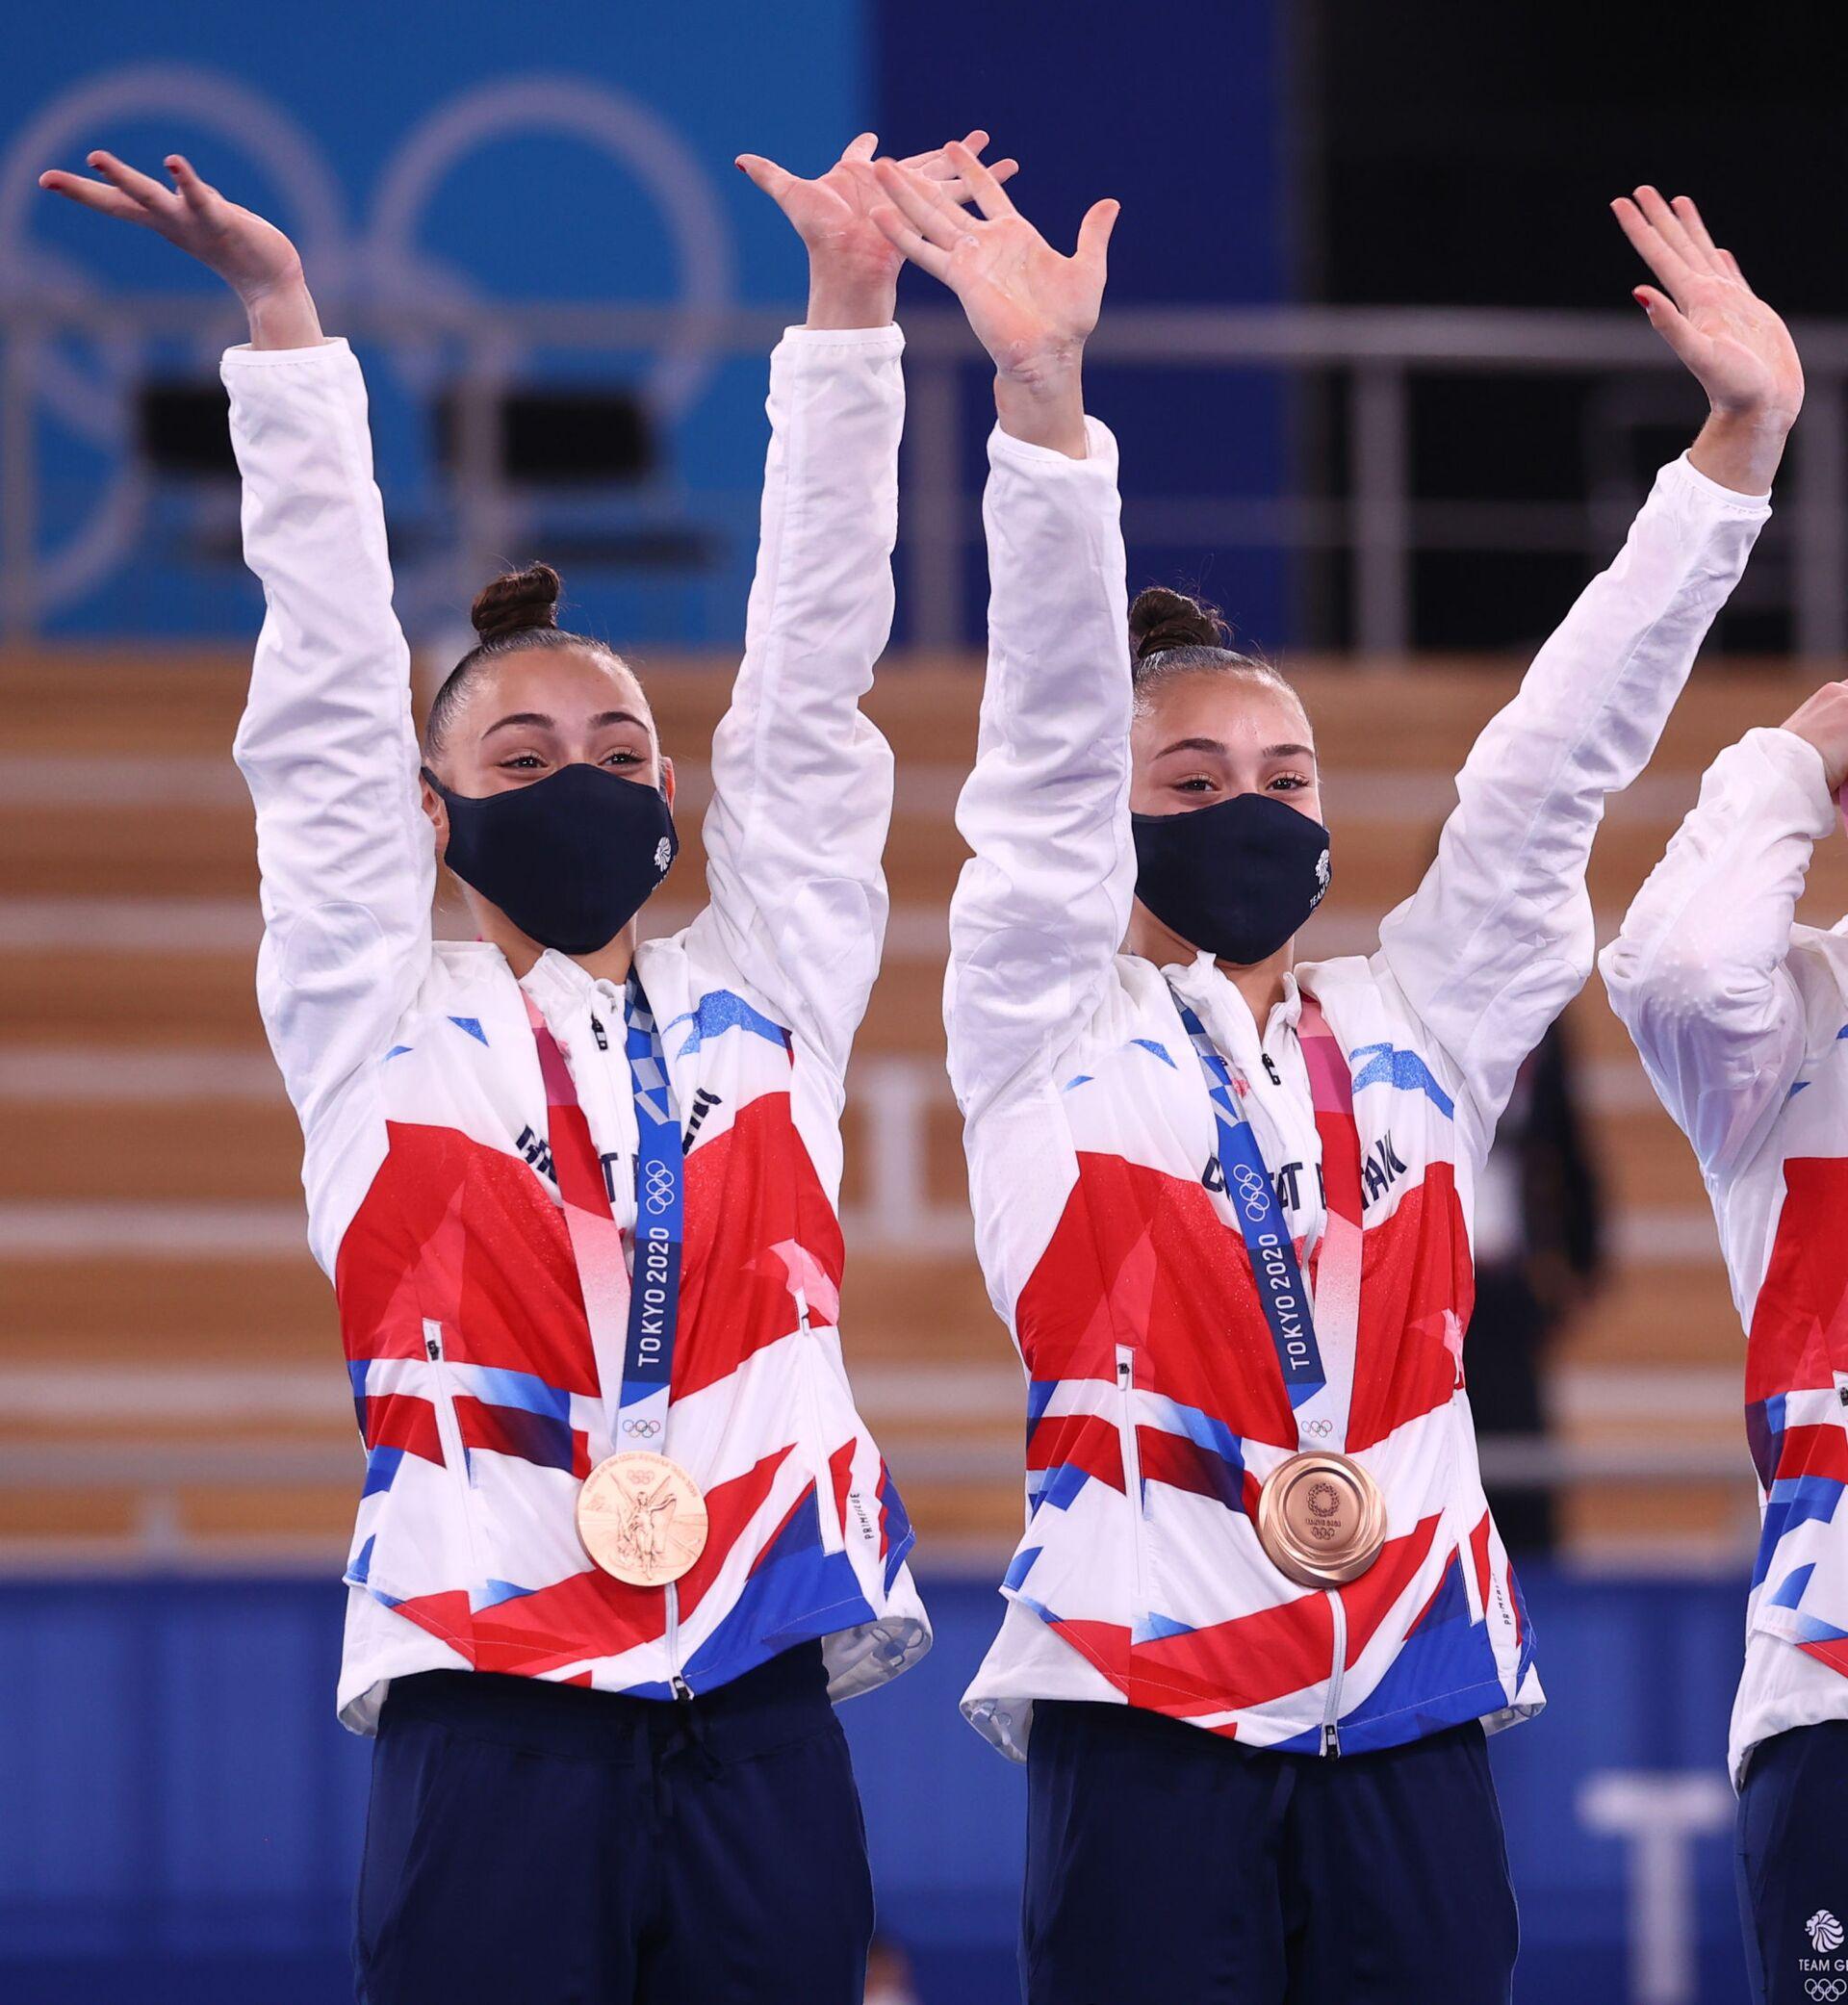 Азербайджанки завоевали первую медаль Олимпийских игр в Токио, но не для Азербайджана - Sputnik Азербайджан, 1920, 28.07.2021